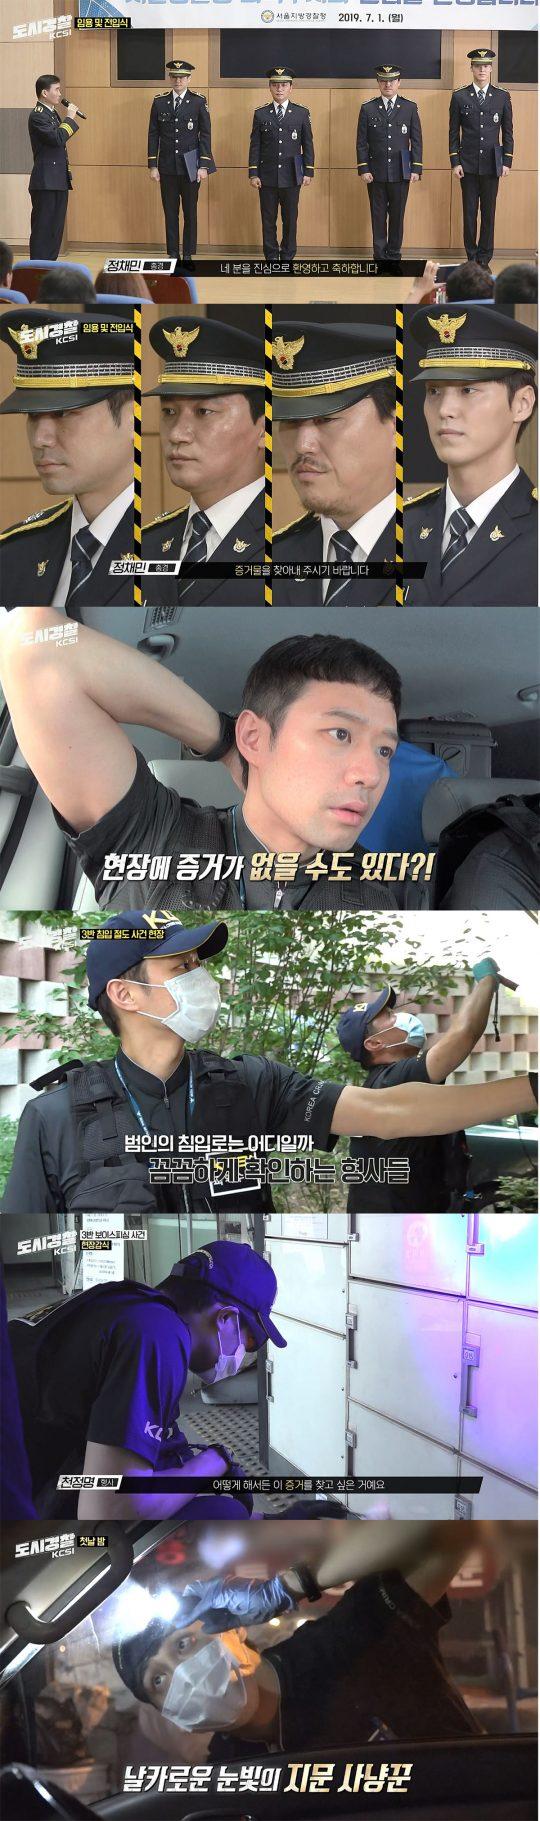 '도시경찰: KCSI' 방송 캡처. /사진제공=MBC에브리원